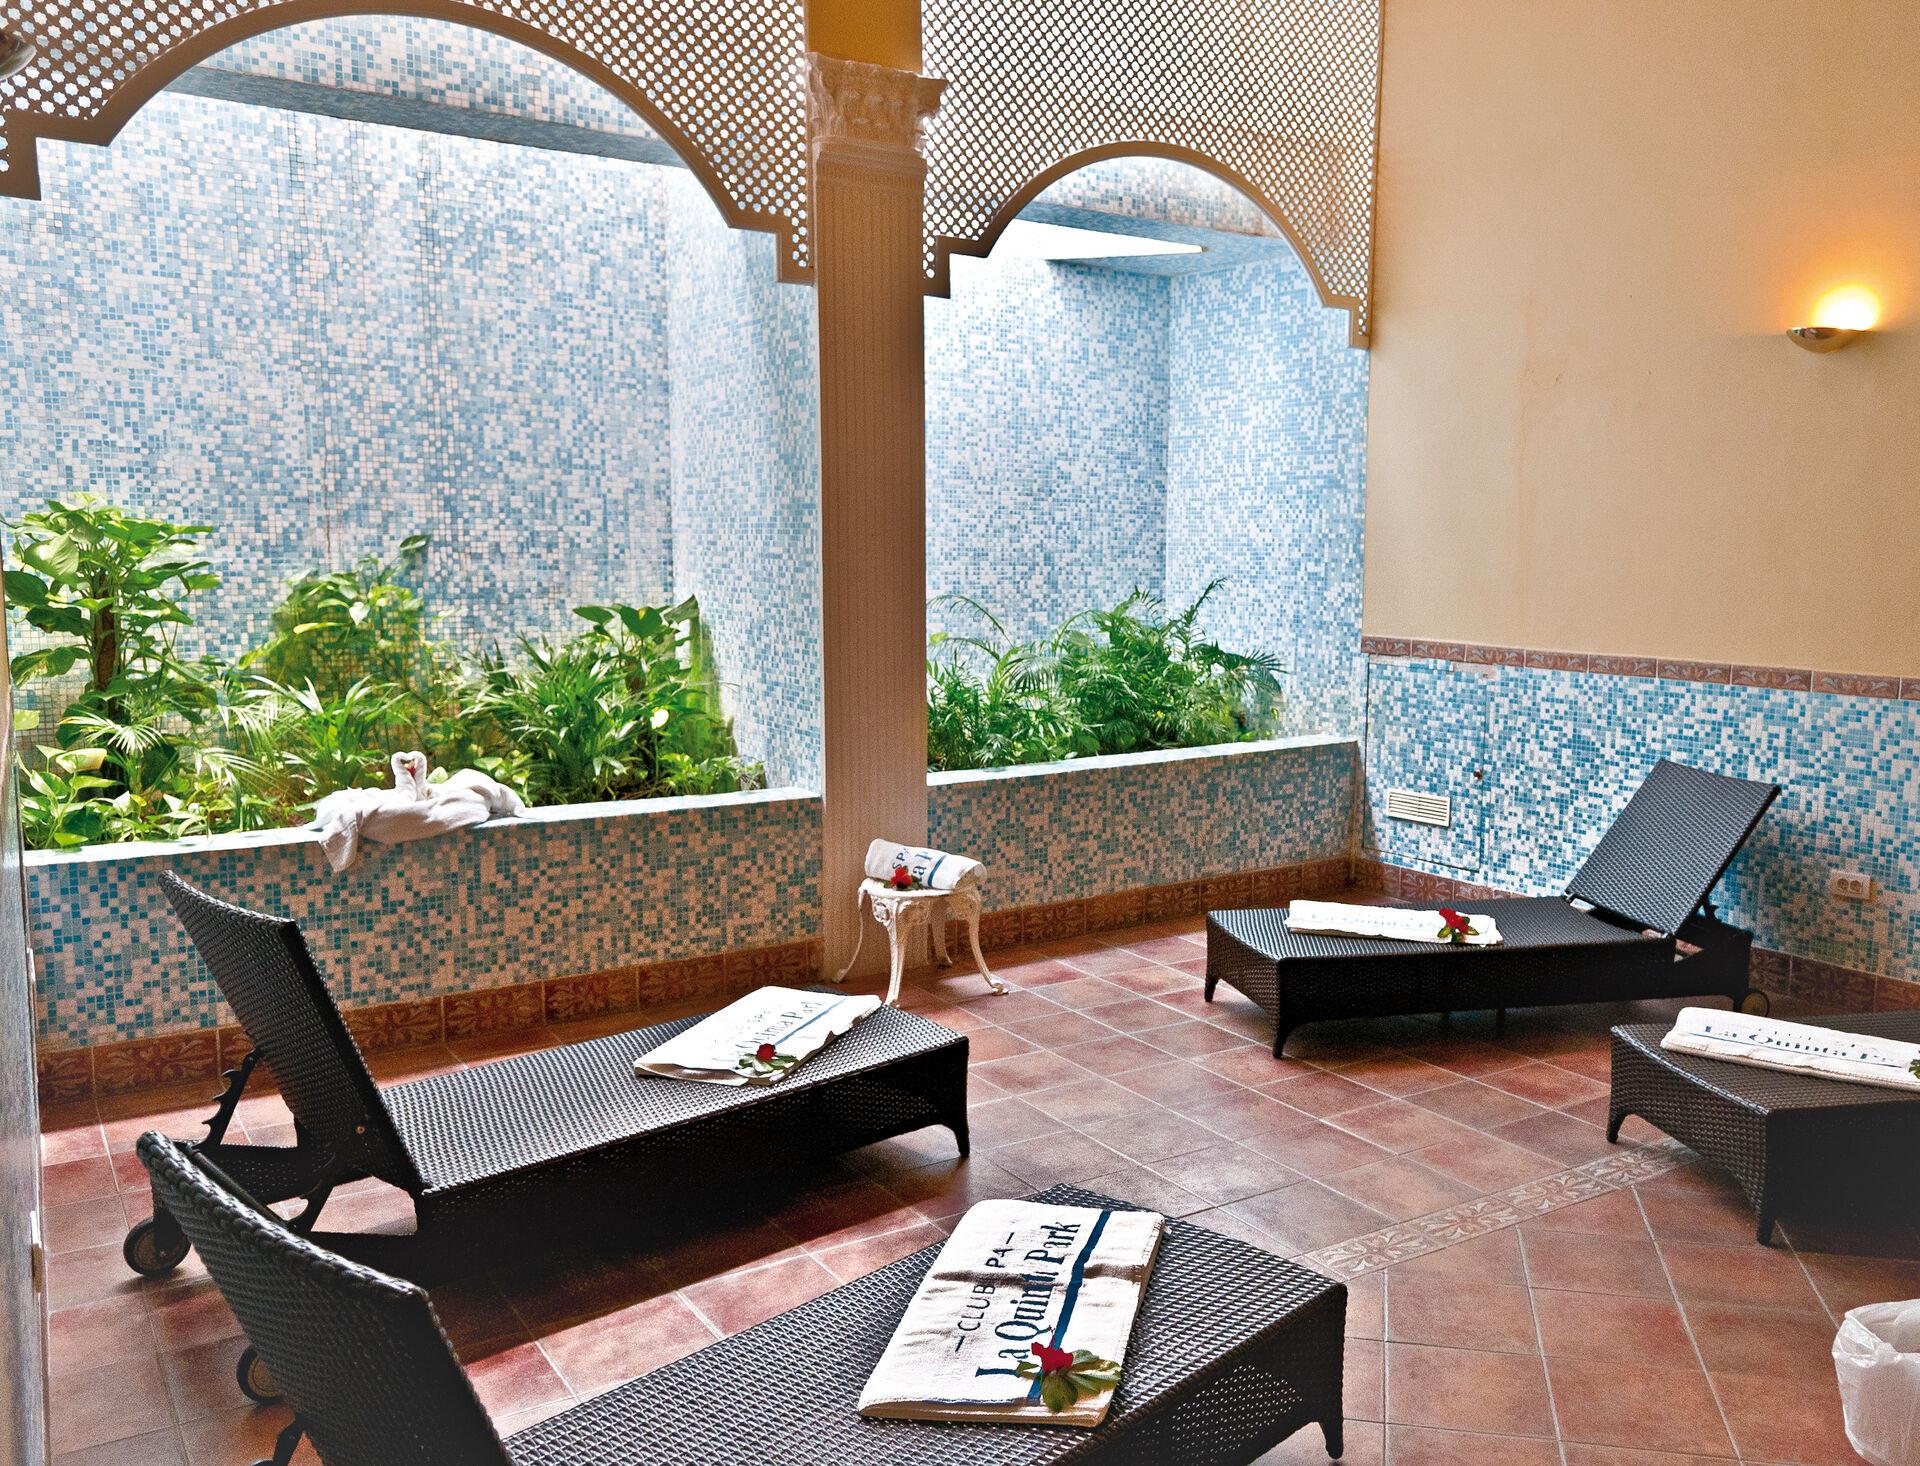 Canaries - Tenerife - Espagne - Hôtel La Quinta Park Suites 4*